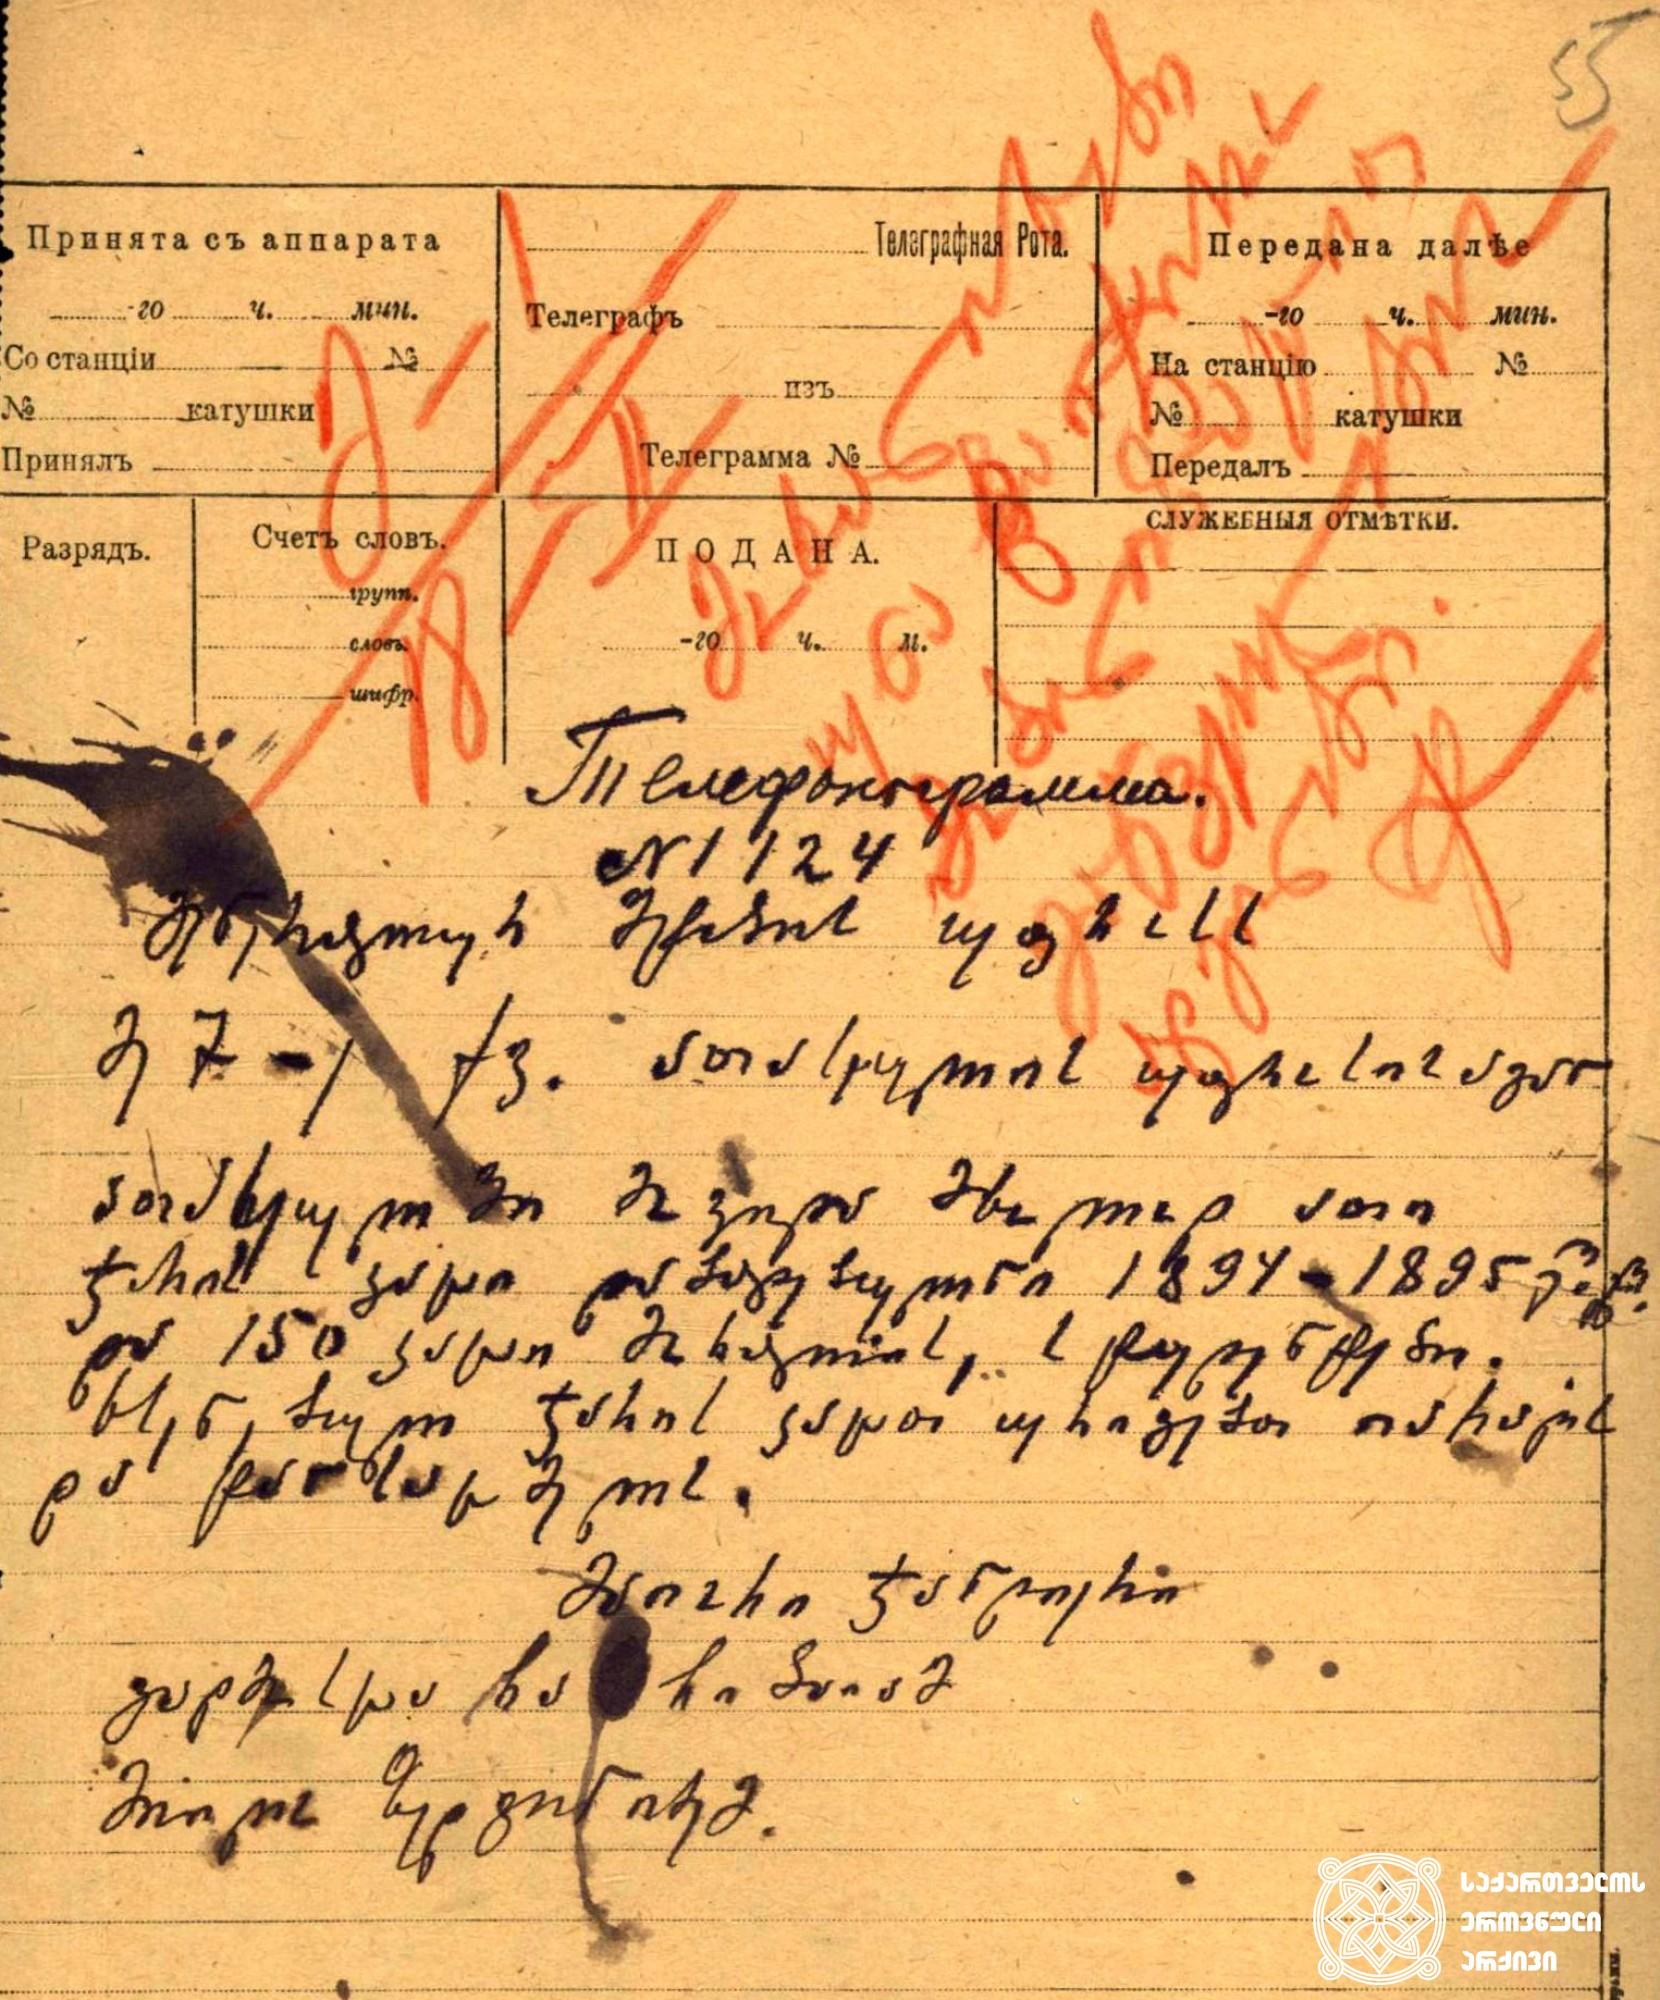 მე-7 ათასეულის ოფიცრის მაიორ ჯანდიერის მიერ გენერალური შტაბის უფროსისადმი გაგზავნილი ტელეფონოგრამა მის ქვედანაყოფში 150 სტუდენტისა და ათი სათადარიგო ჯარისკაცის ჩარიცხვის შესახებ. <br> 1921 წლის 18 თებერვალი. <br> A telegram sent by Major Jandieri, an officer in the 7th Brigade, to the Chief of the General Staff about the enrollment of 150 students and ten reserve soldiers in his unit. <br> February 18, 1921.